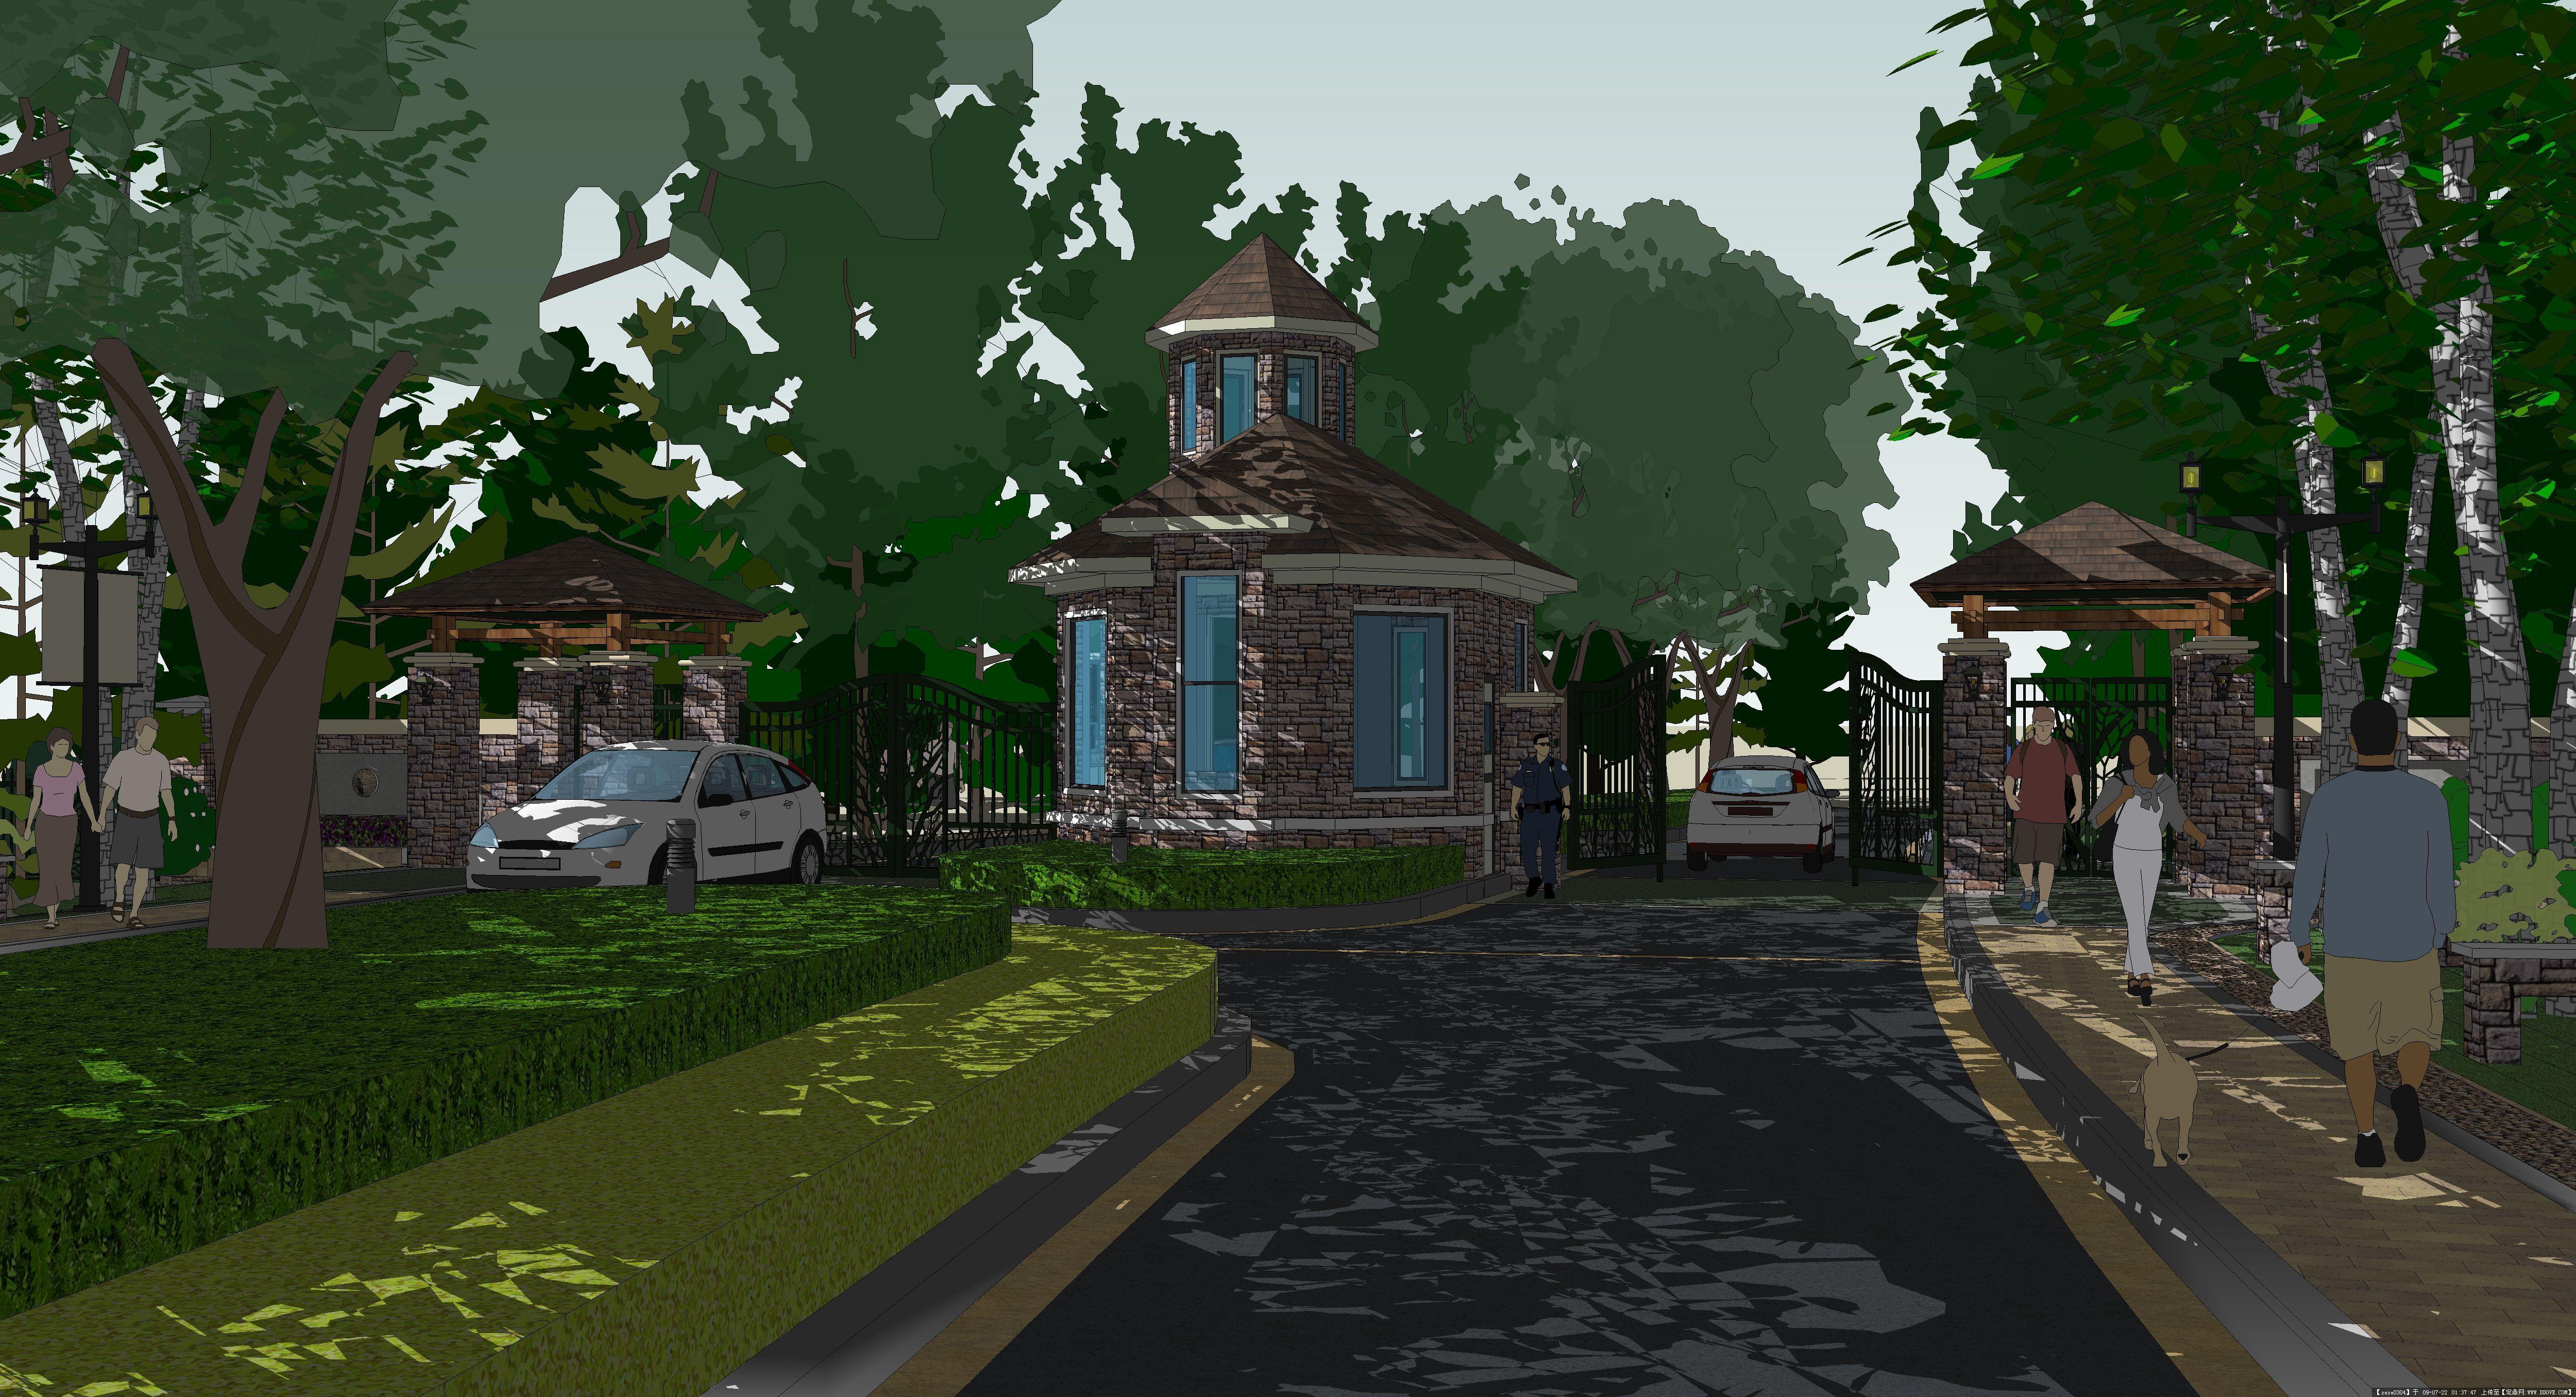 sketchup入口效果图的图片浏览,园林效 果图,居住区,.